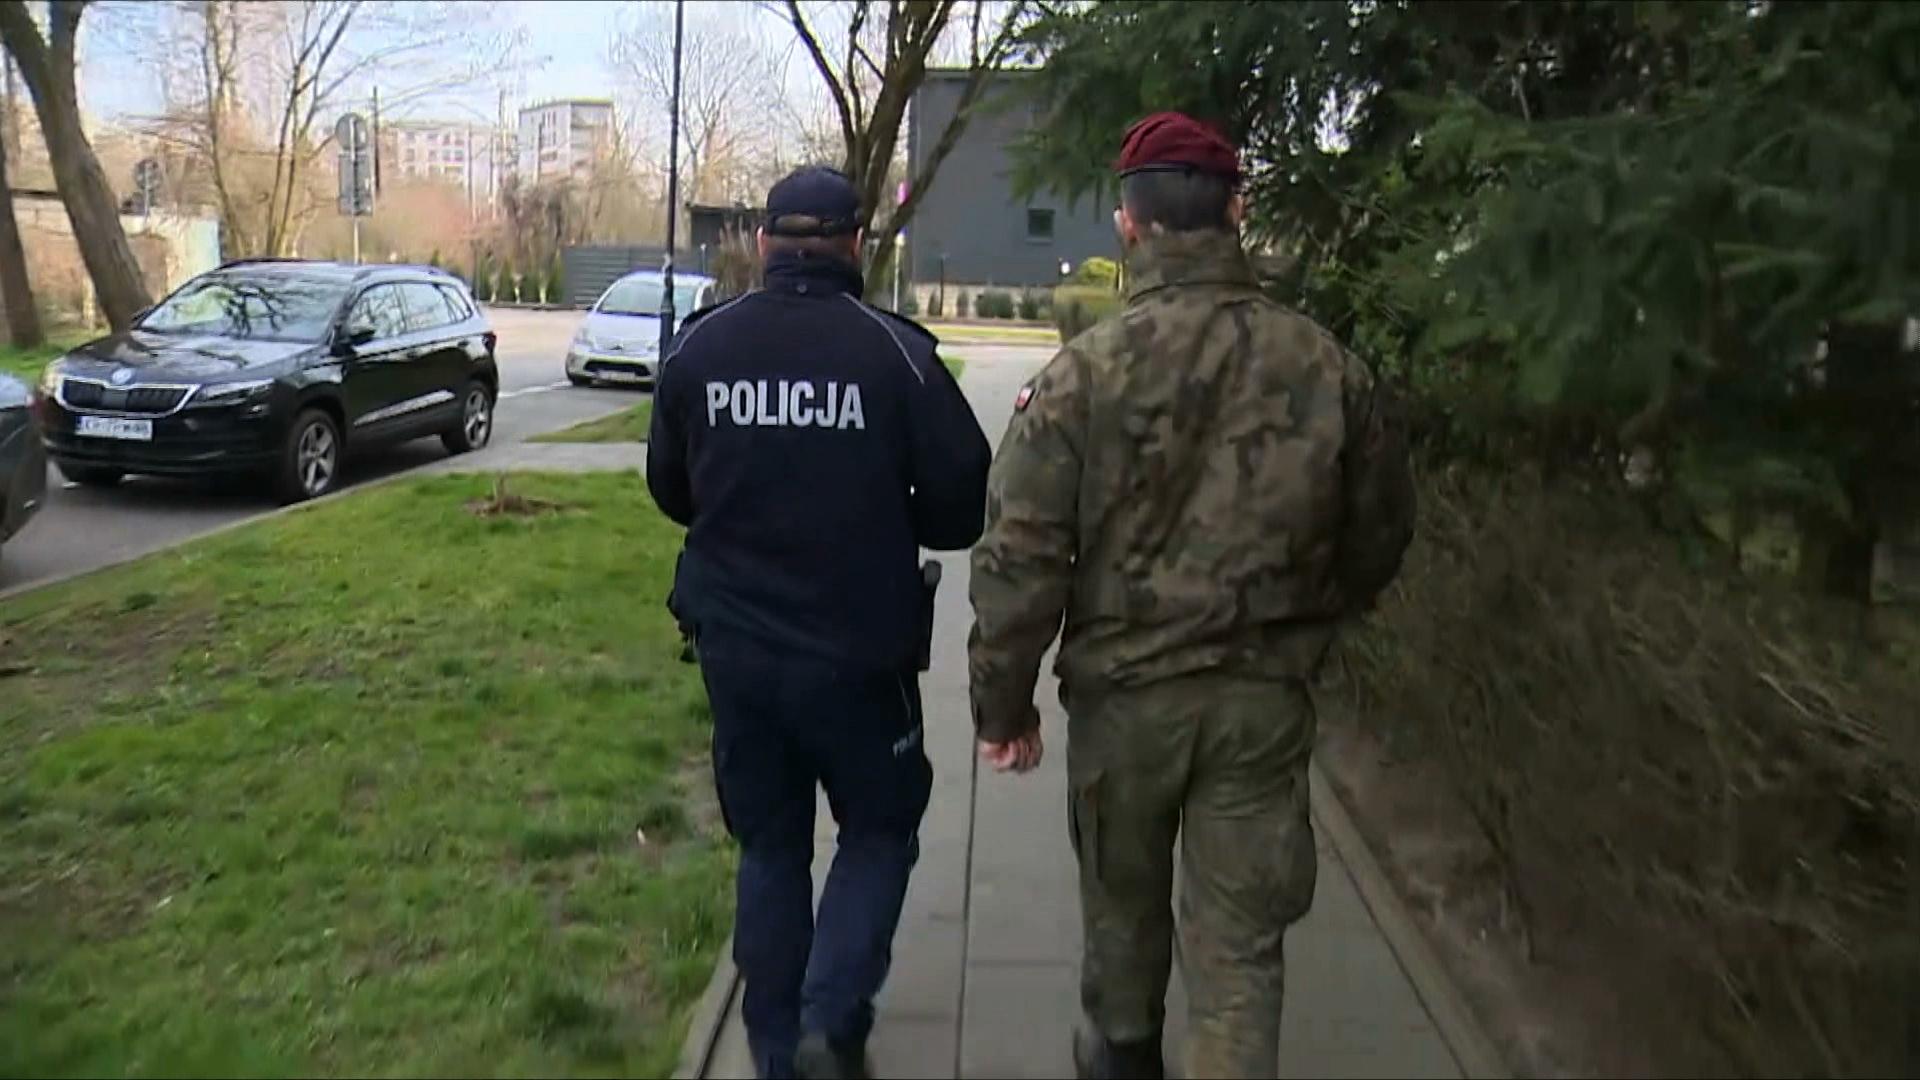 Patrole, ograniczenia i zakazy. Opozycja apeluje o ogłoszenie stanu nadzwyczajnego